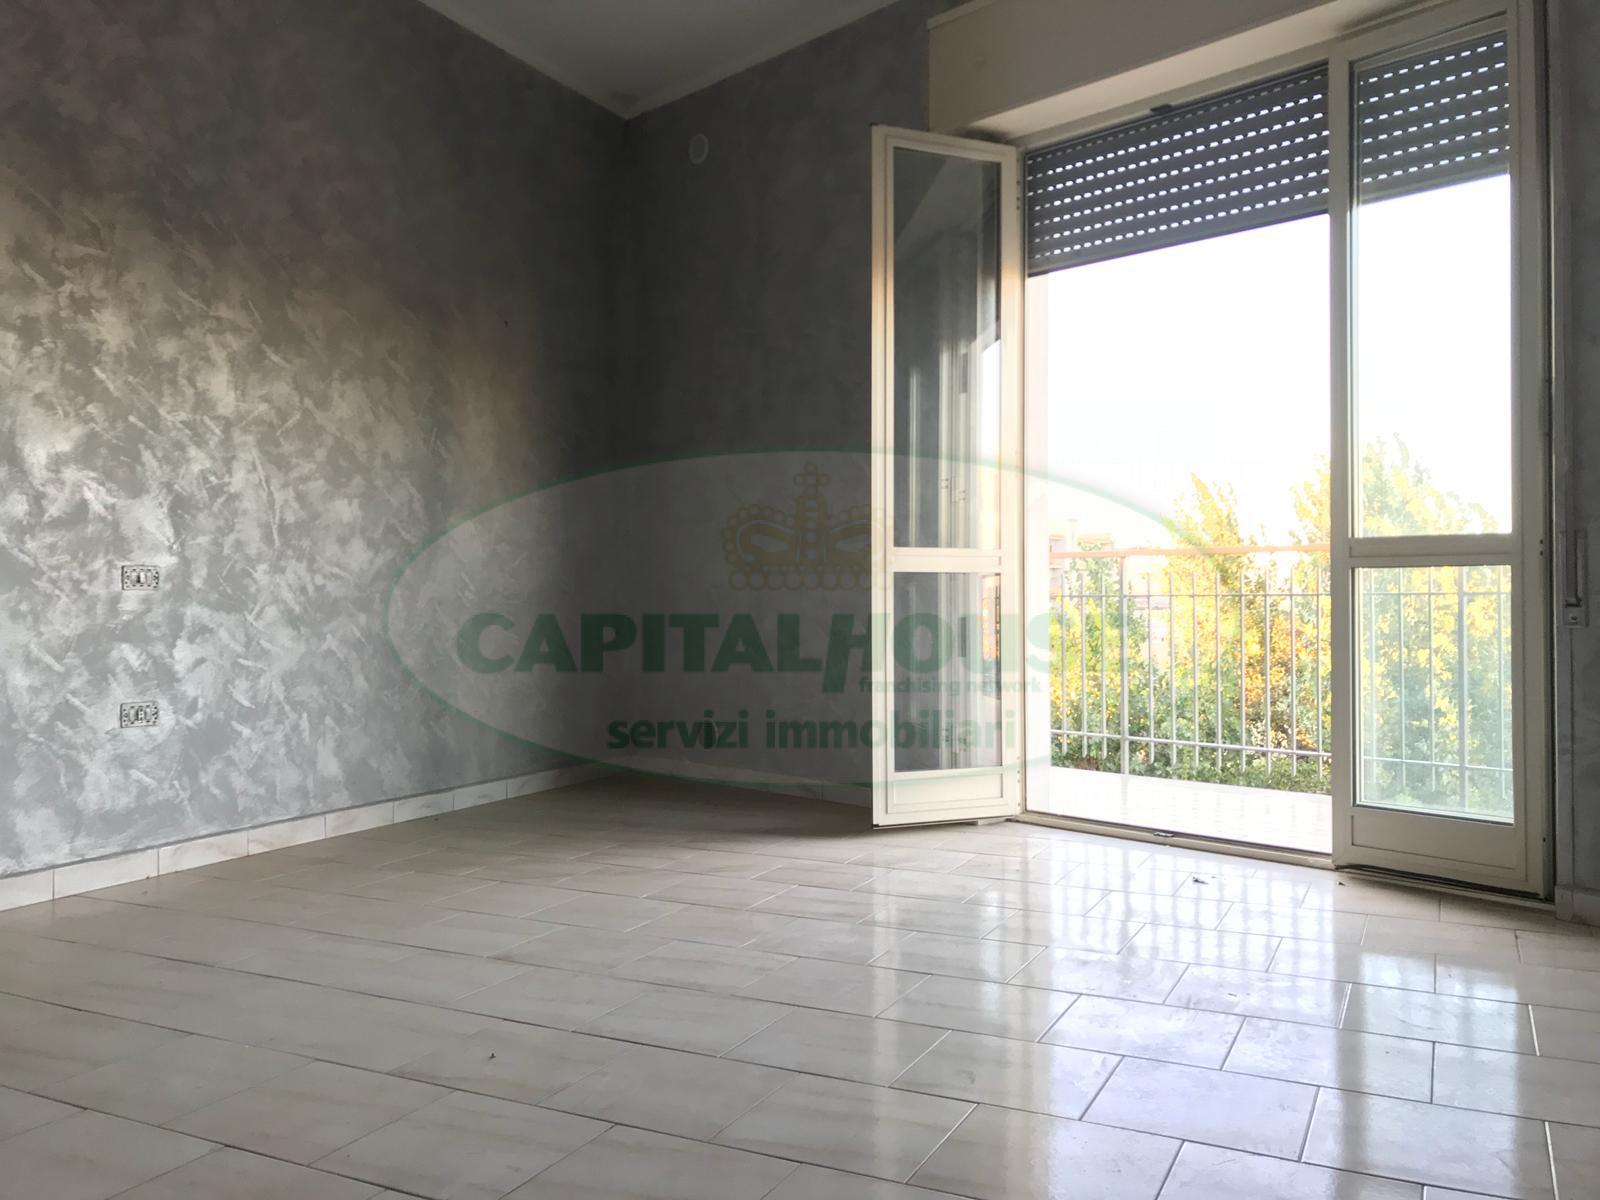 Appartamento in affitto a Afragola, 3 locali, zona Località: ZonaSanMarco, prezzo € 390 | CambioCasa.it